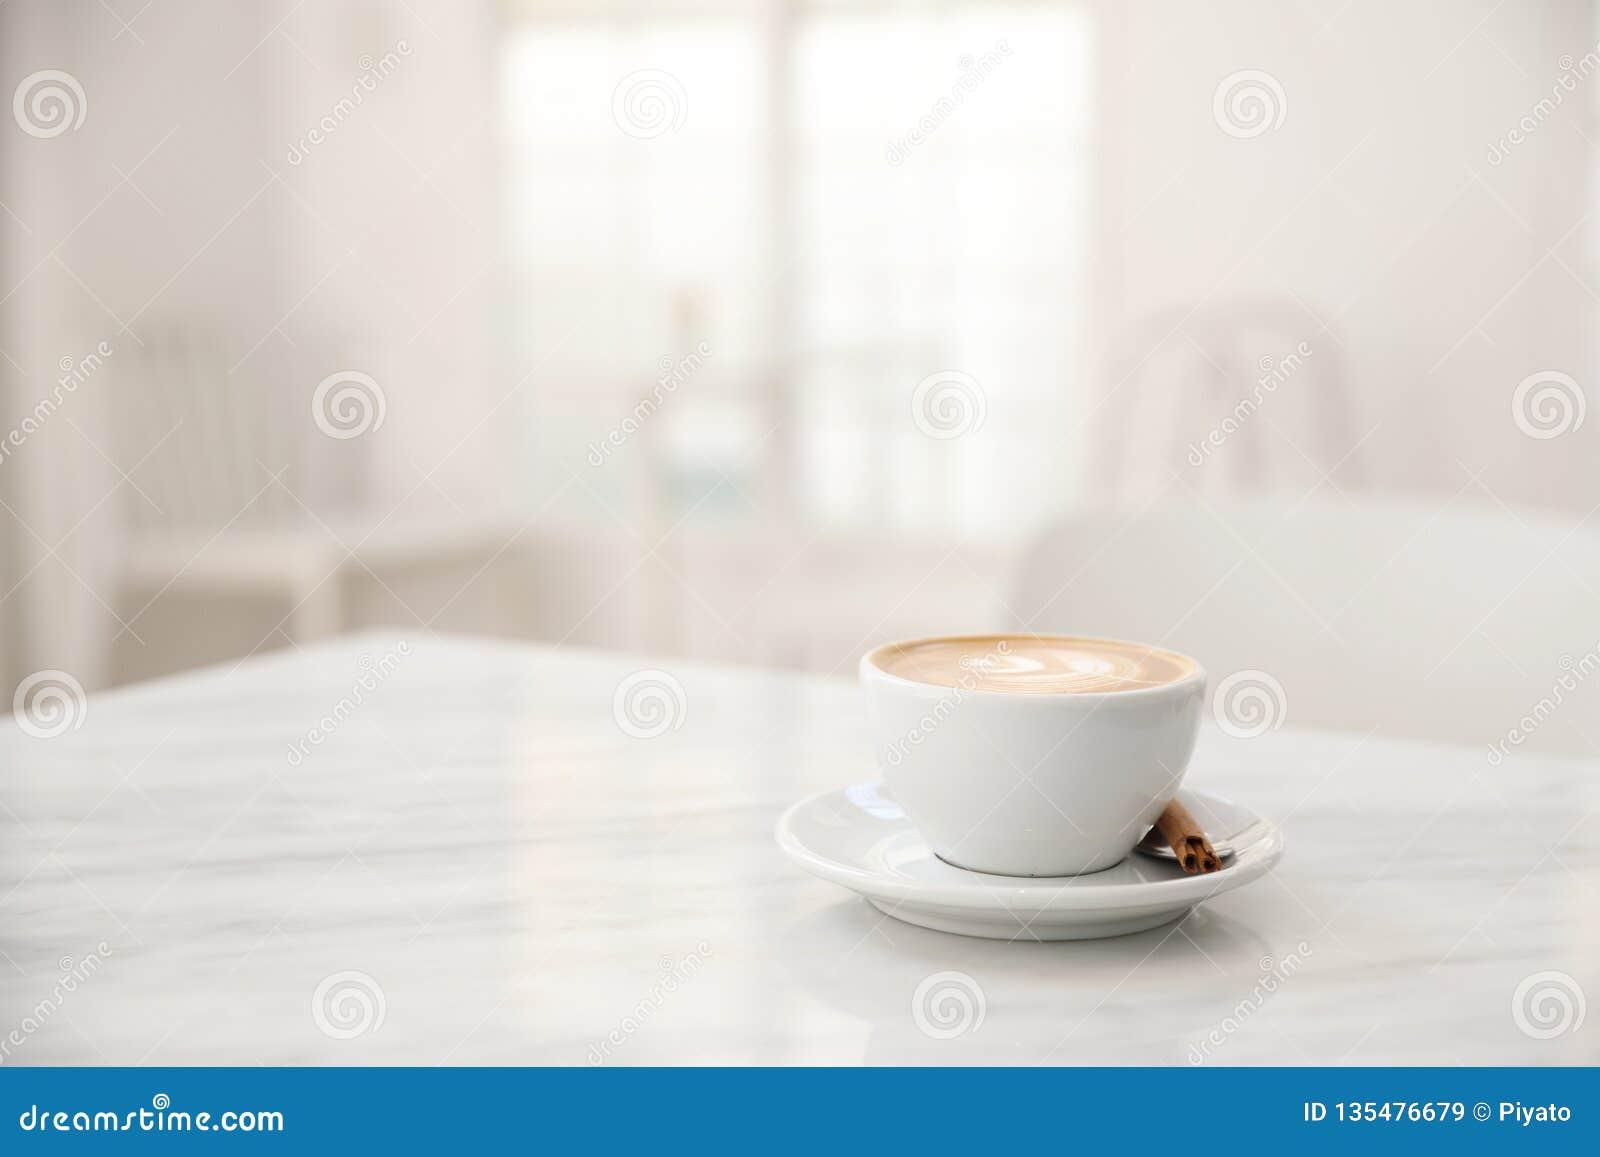 CappuccinoKaffeetasse auf weißer Marmortabelle